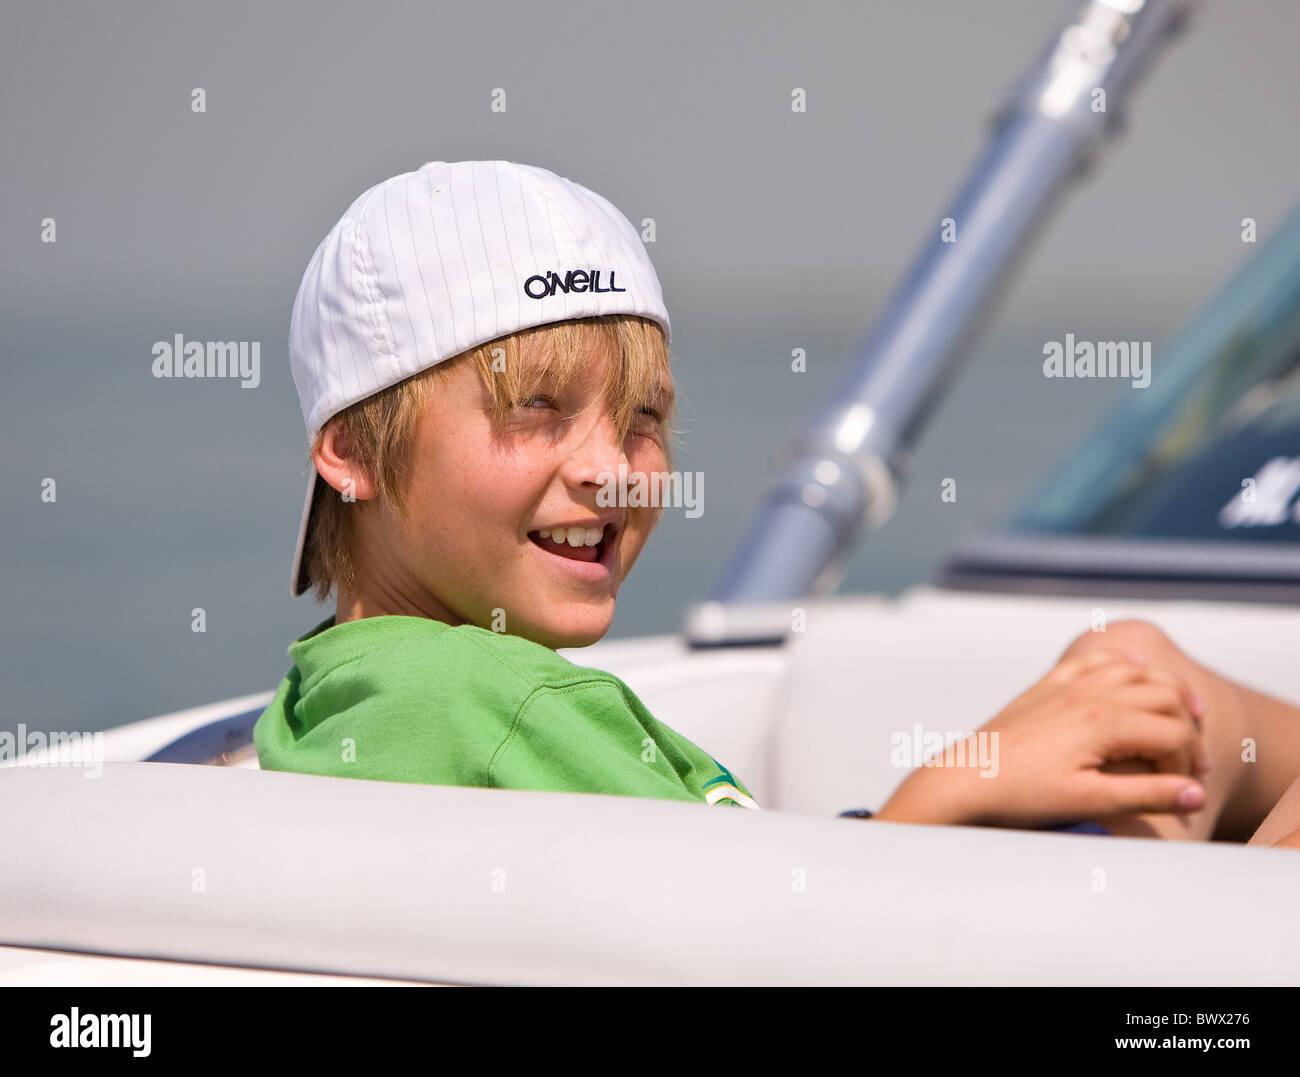 Cheeky giovane ragazzo con hat invertiti sat in una barca veloce Immagini Stock